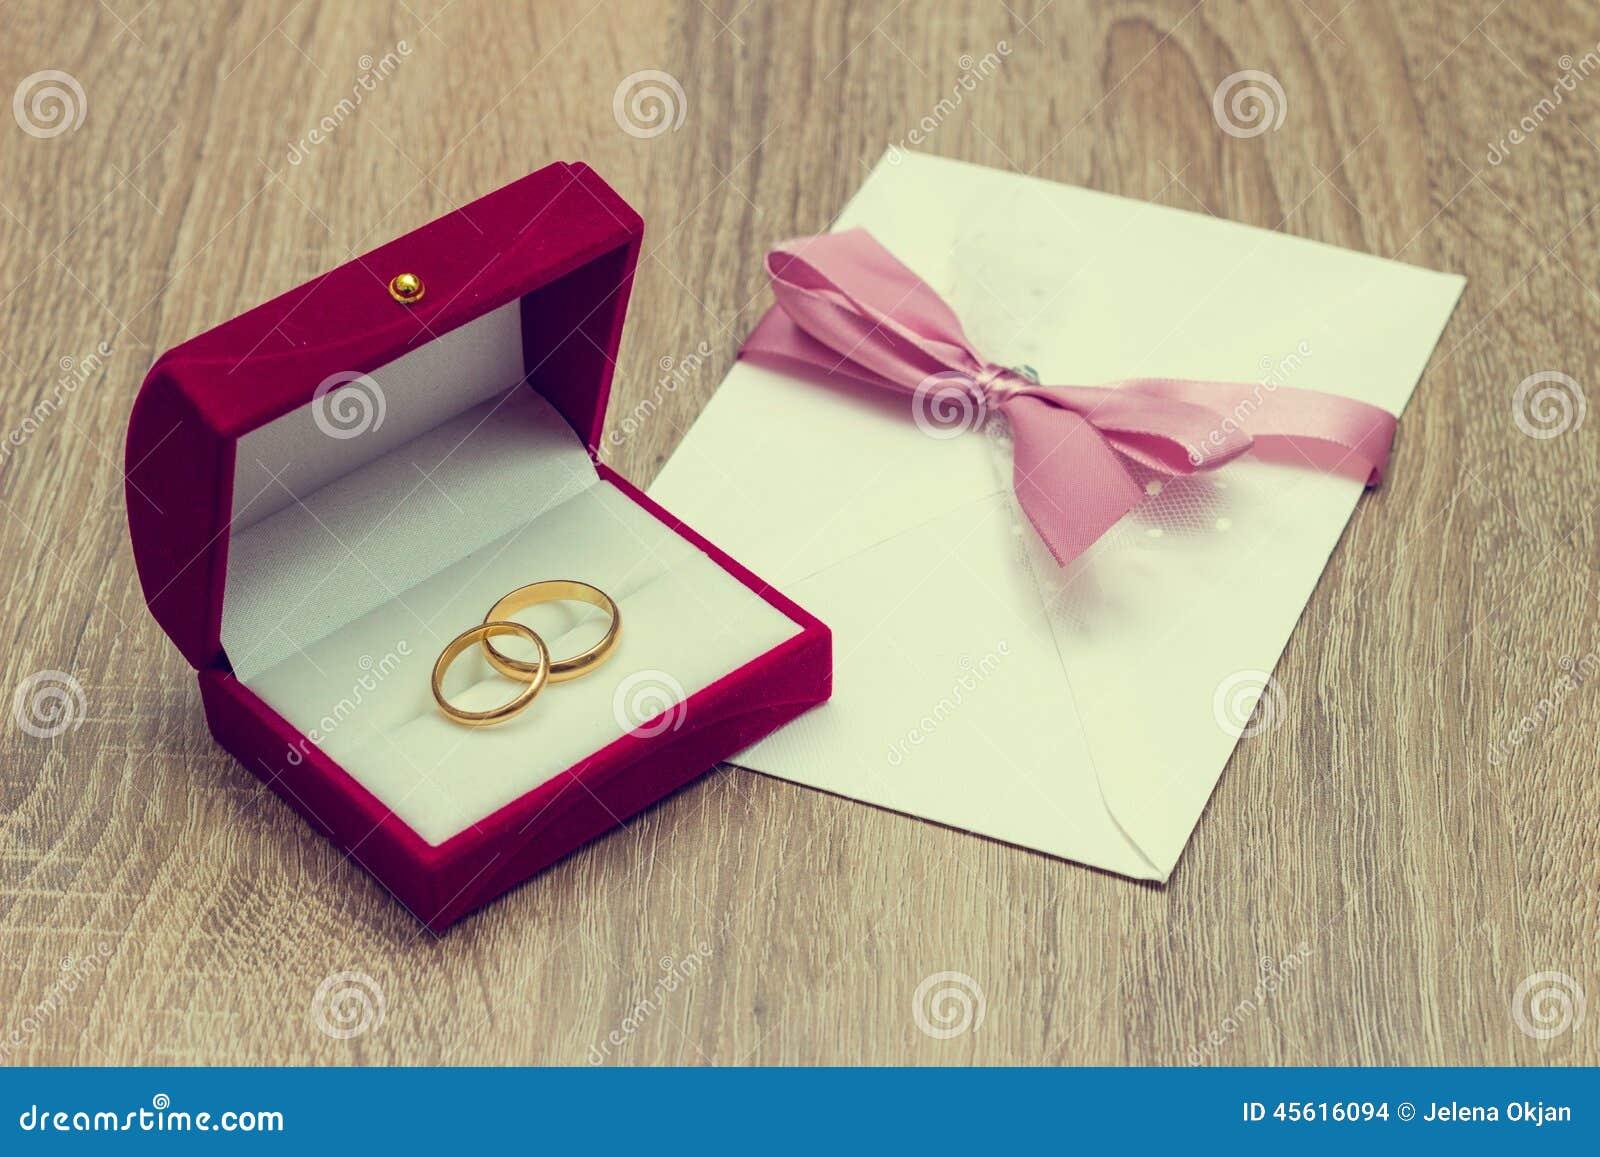 Hochzeiten Ring And Invitation